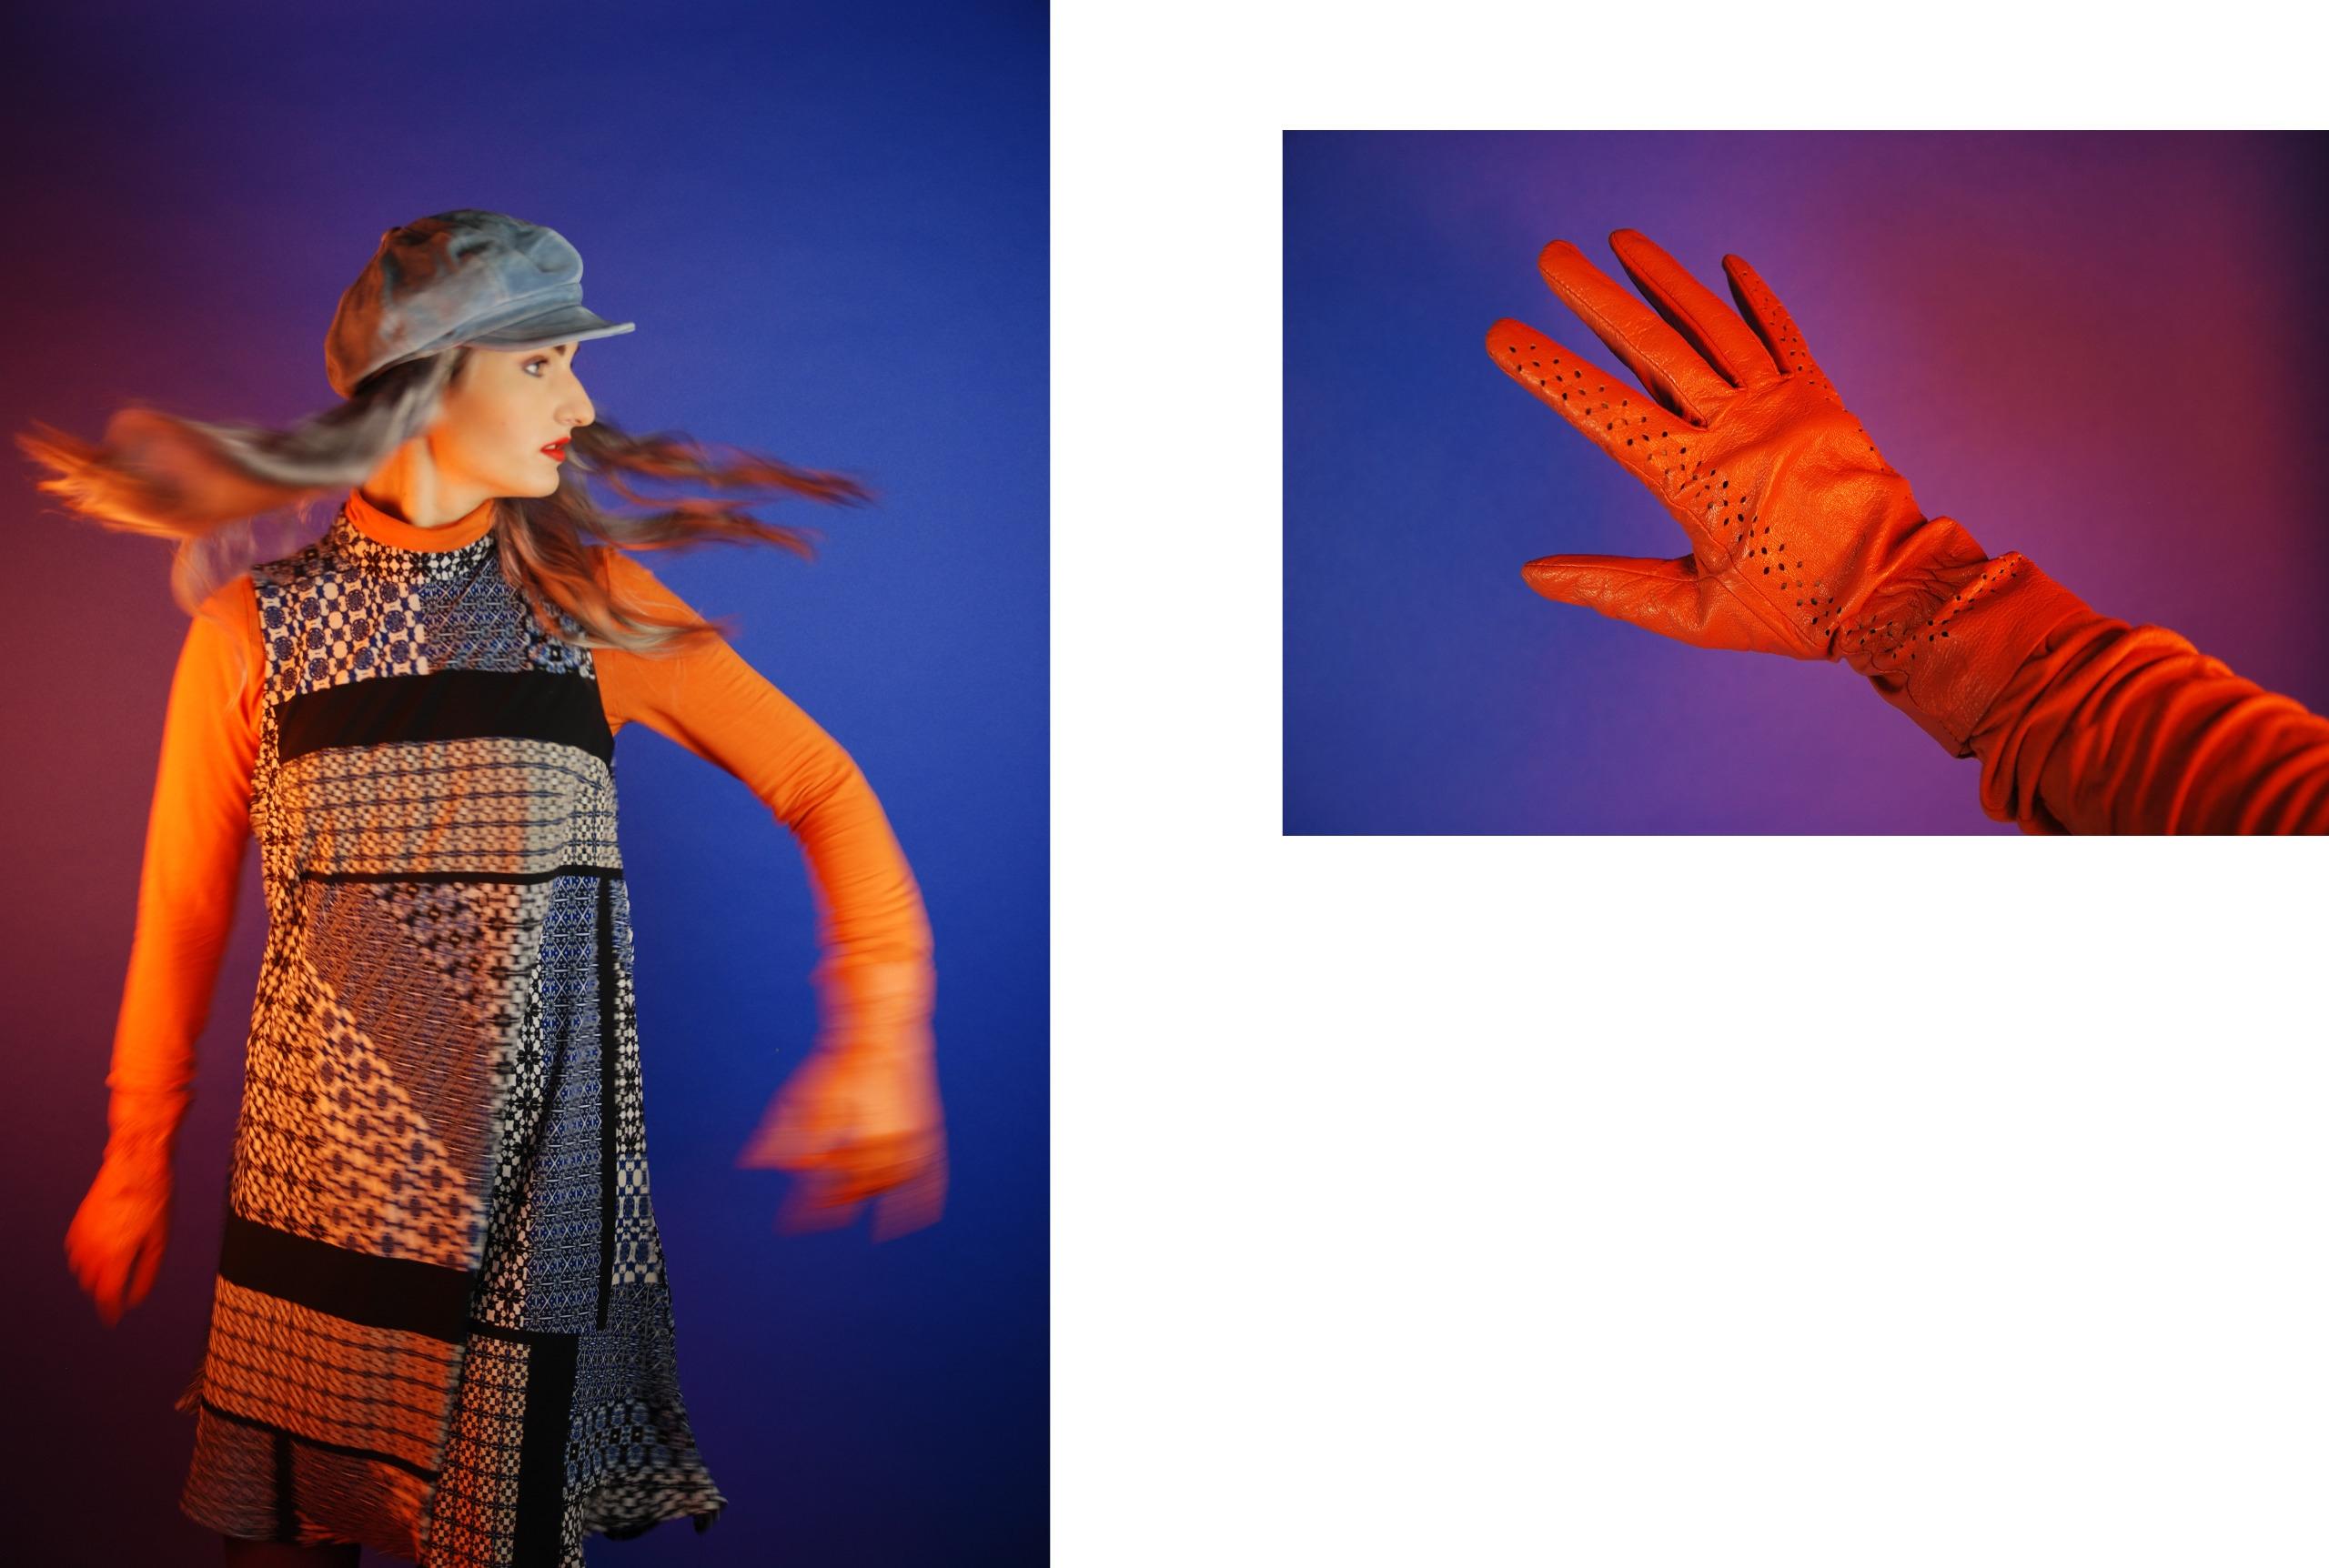 Obraz przedstawia dwa zdjęcia, z lewej strony widzimy kobietę w ruchu, kobieta ma na sobie sukienkę, pomarańczową bluzkę i rękawiczki, niebieski beret na głowie. Z lewej strony zdjęcie przedstawia dłoń w pomarańczowej rękawiczce na niebieskim tle oświetlonym ciepłym światłem.